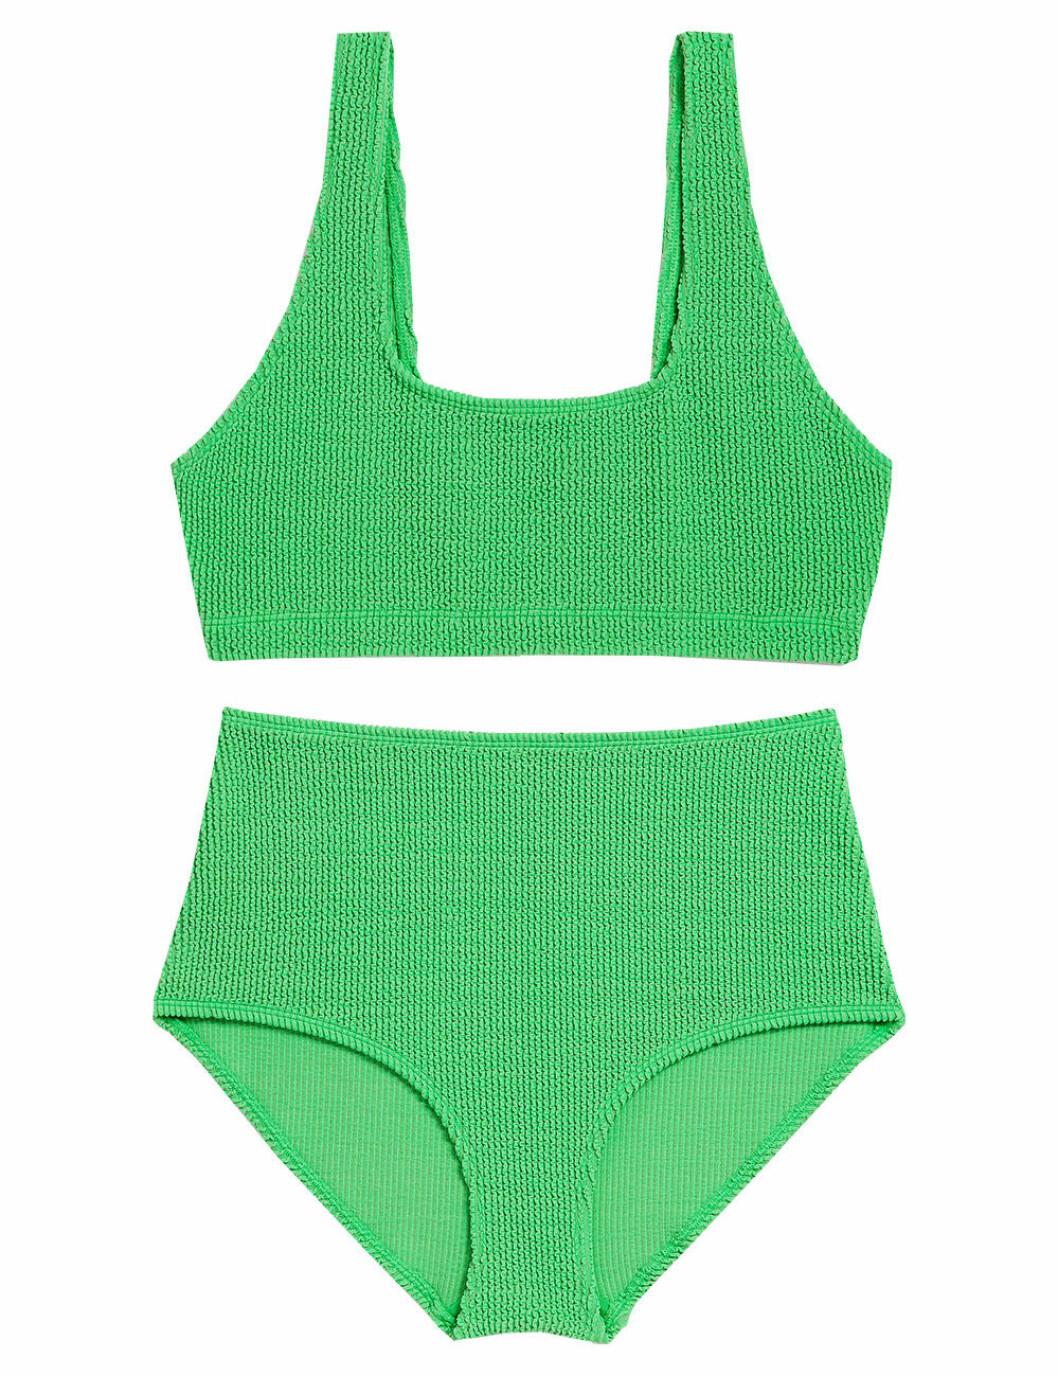 Grön bikini med hög midja, från Monki